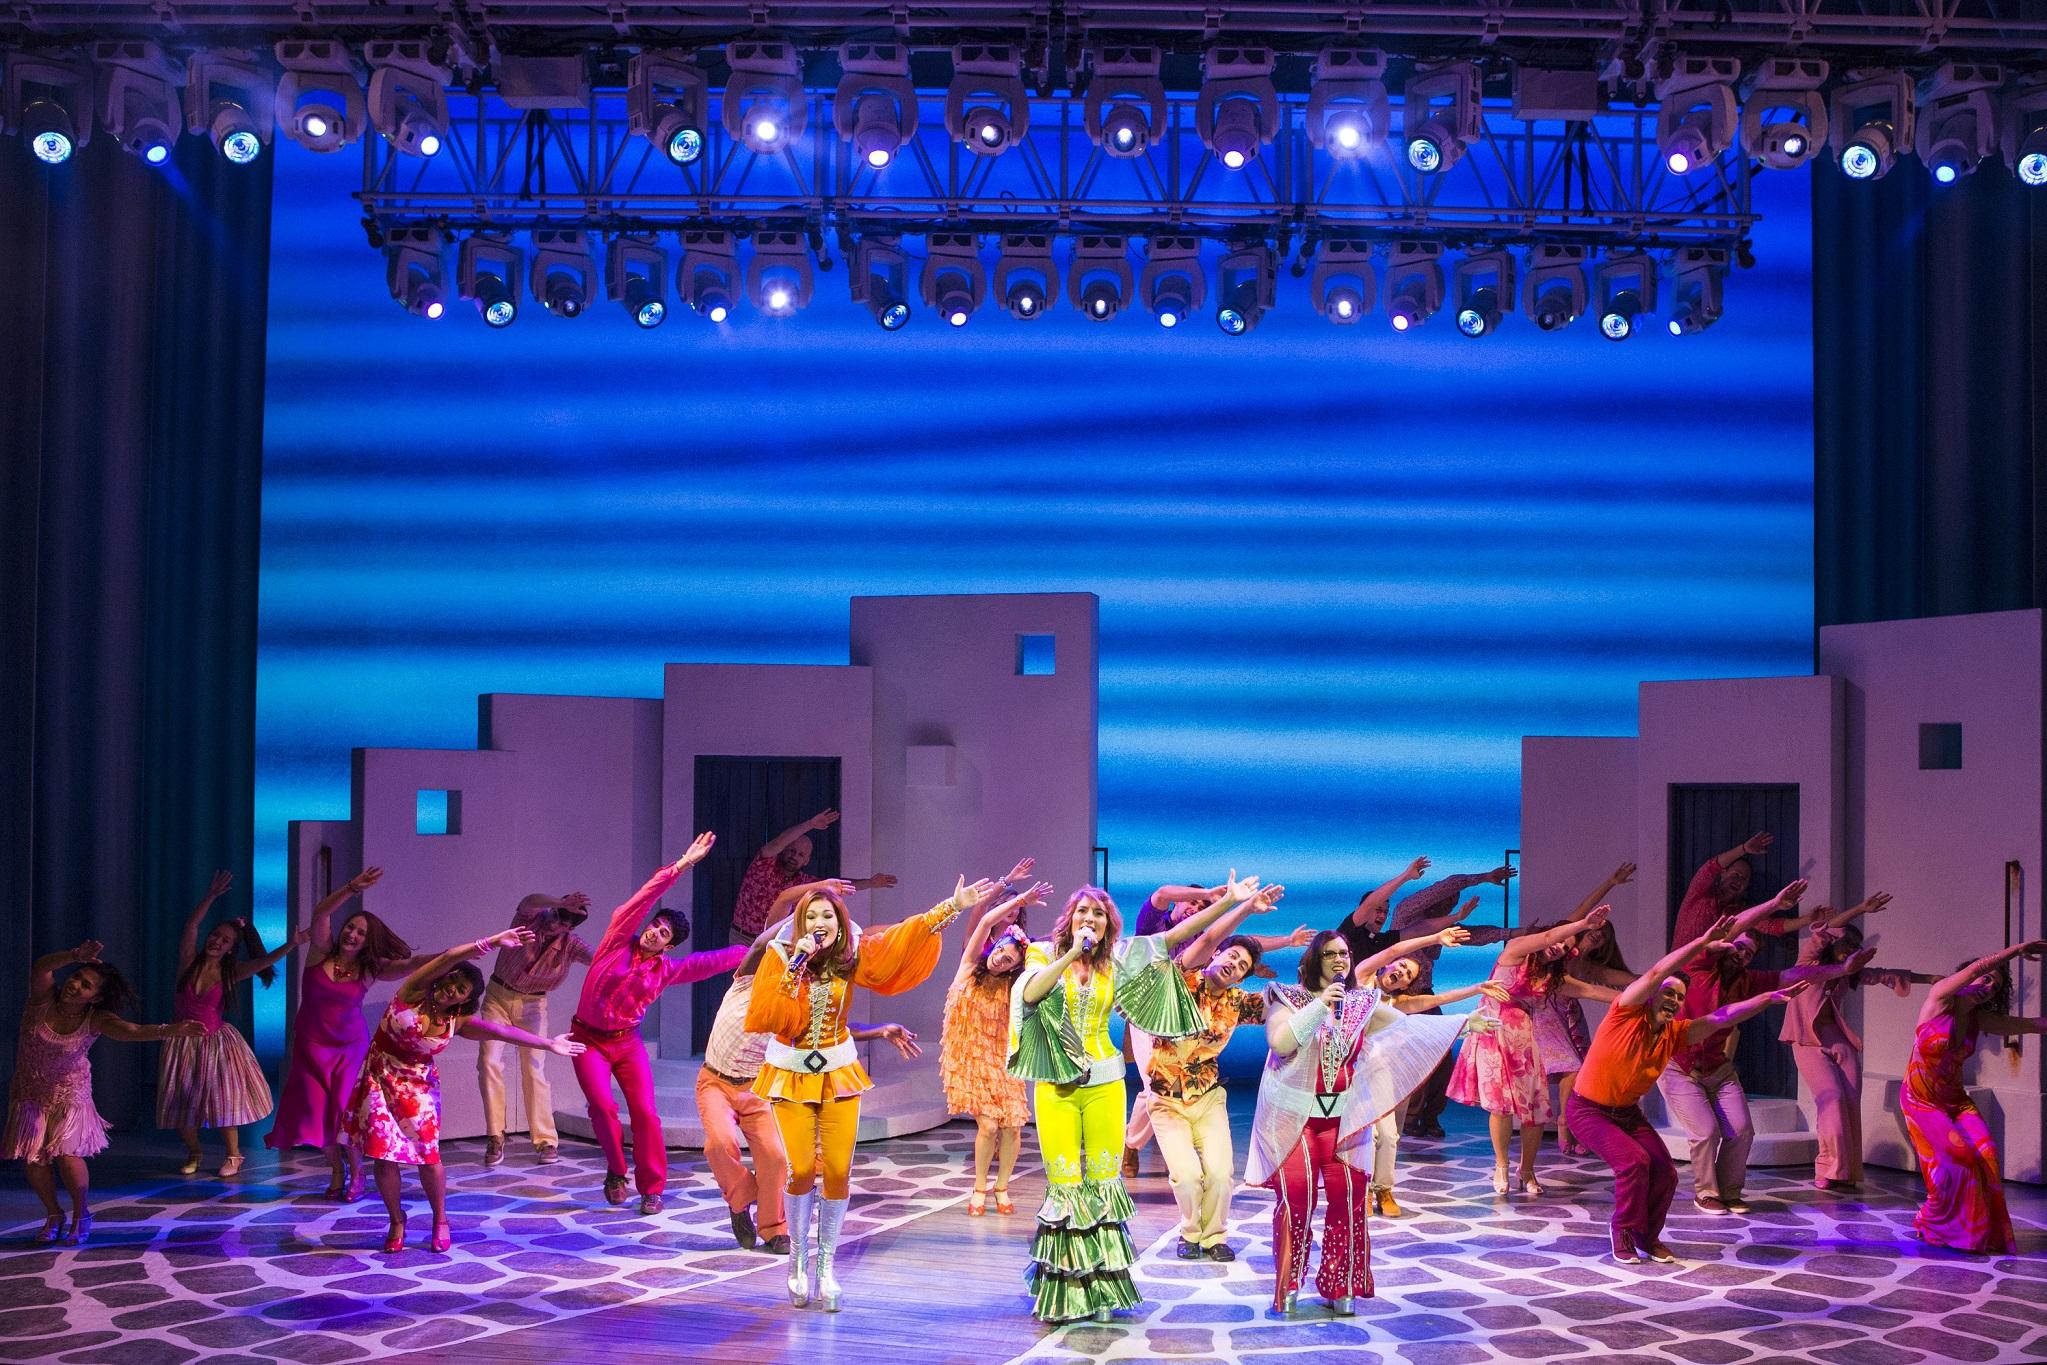 BWW Review: MAMMA MIA at Altria Theater